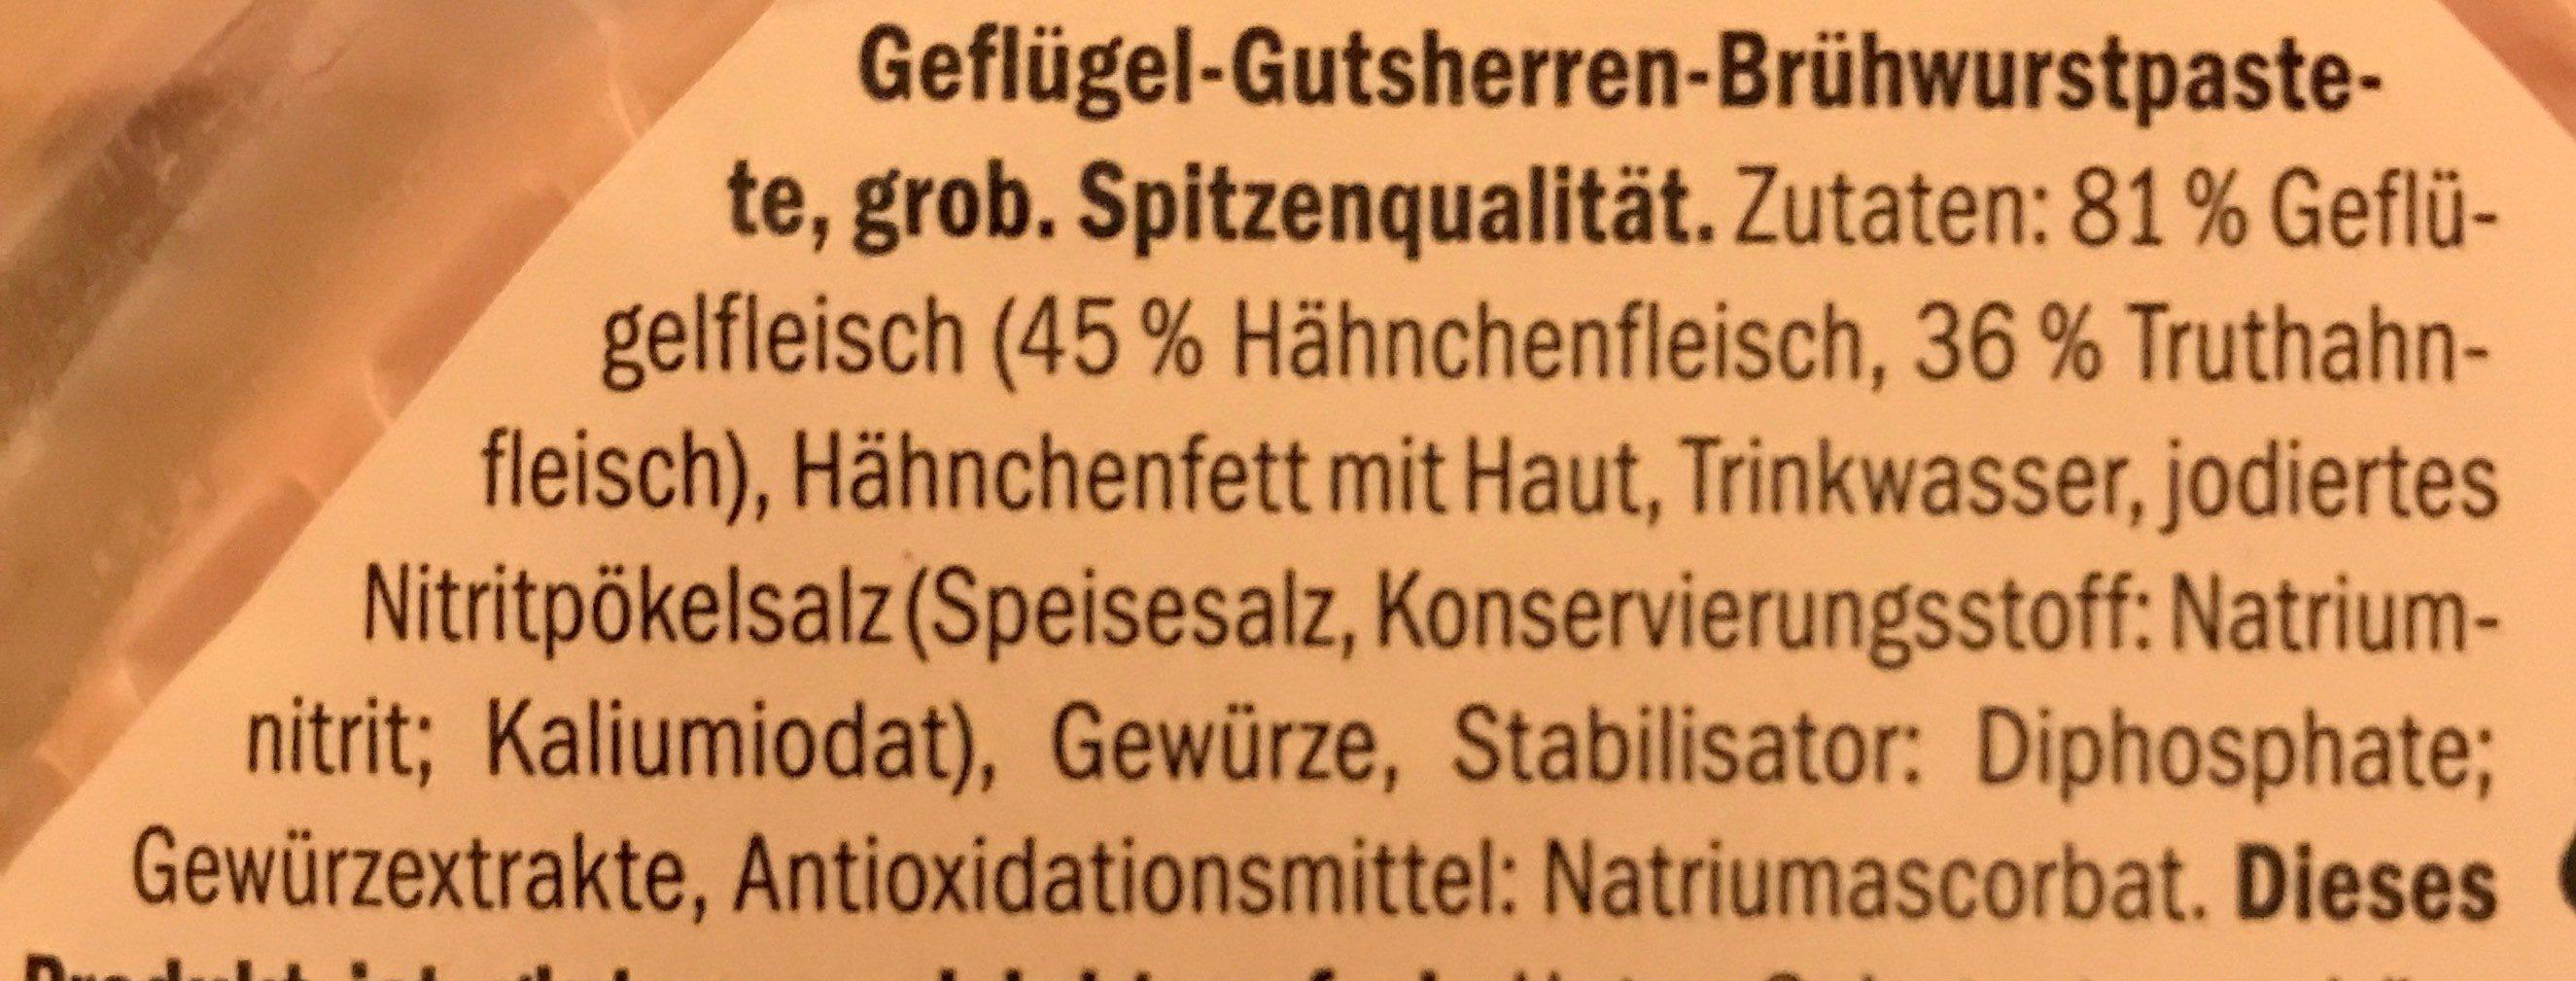 Geflügel-Gutsherrenbrühwurstpastete, grob - Ingredients